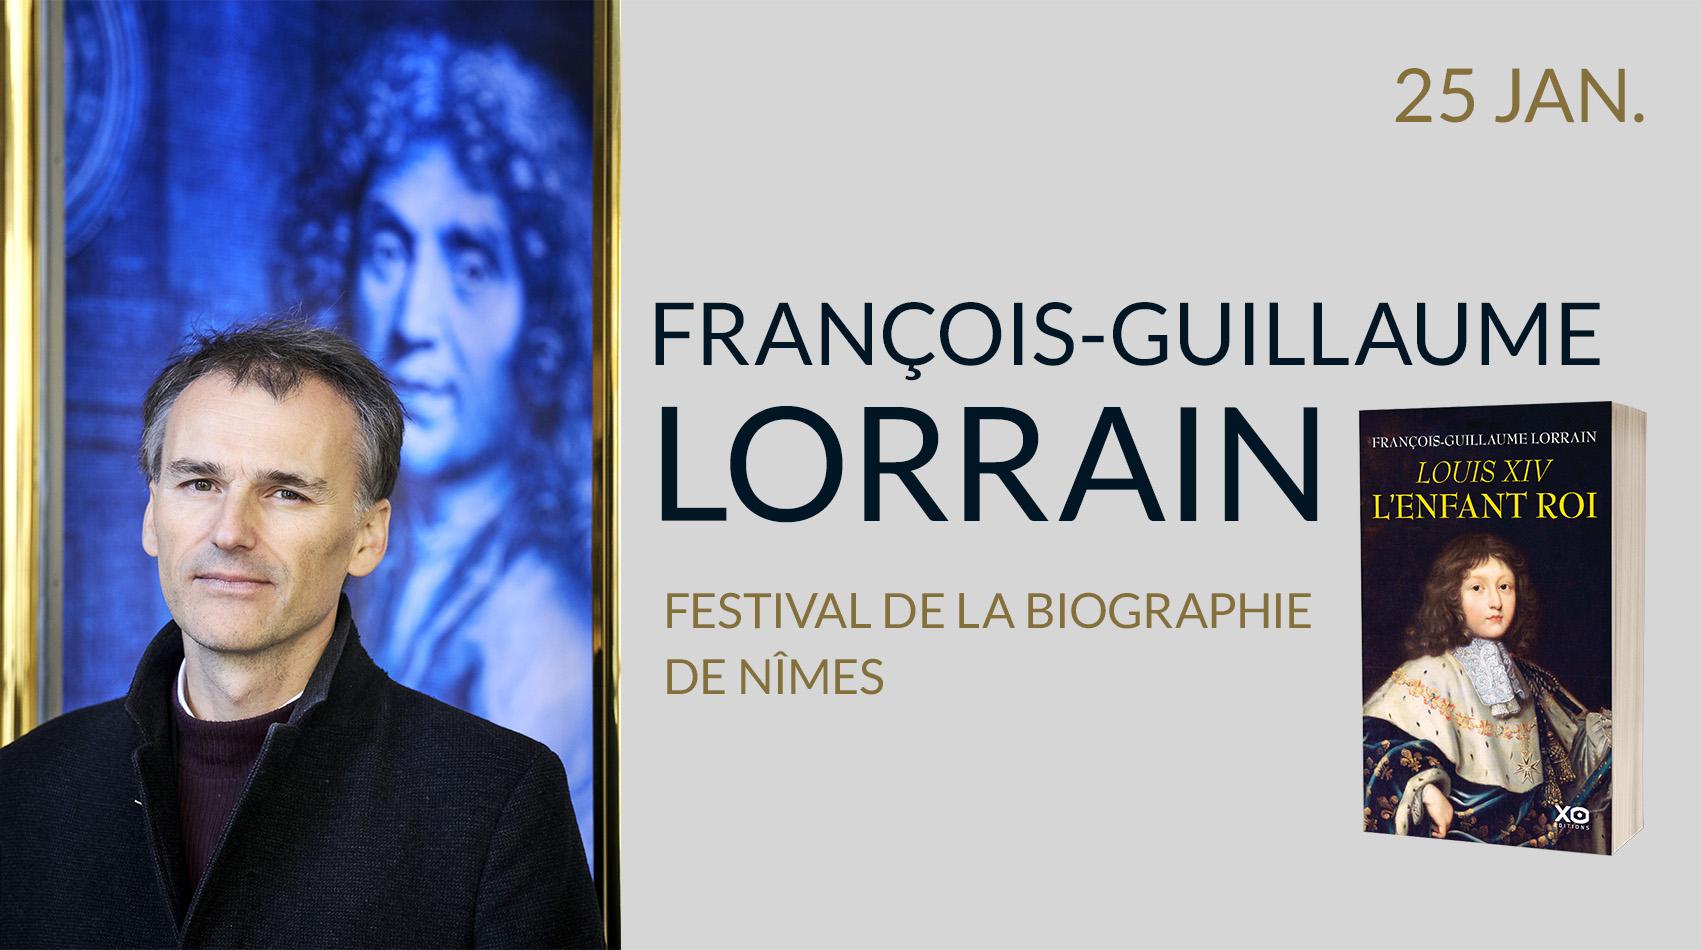 FRANÇOIS-GUILLAUME LORRAIN AU FESTIVAL DE LA BIOGRAPHIE DE NÎMES